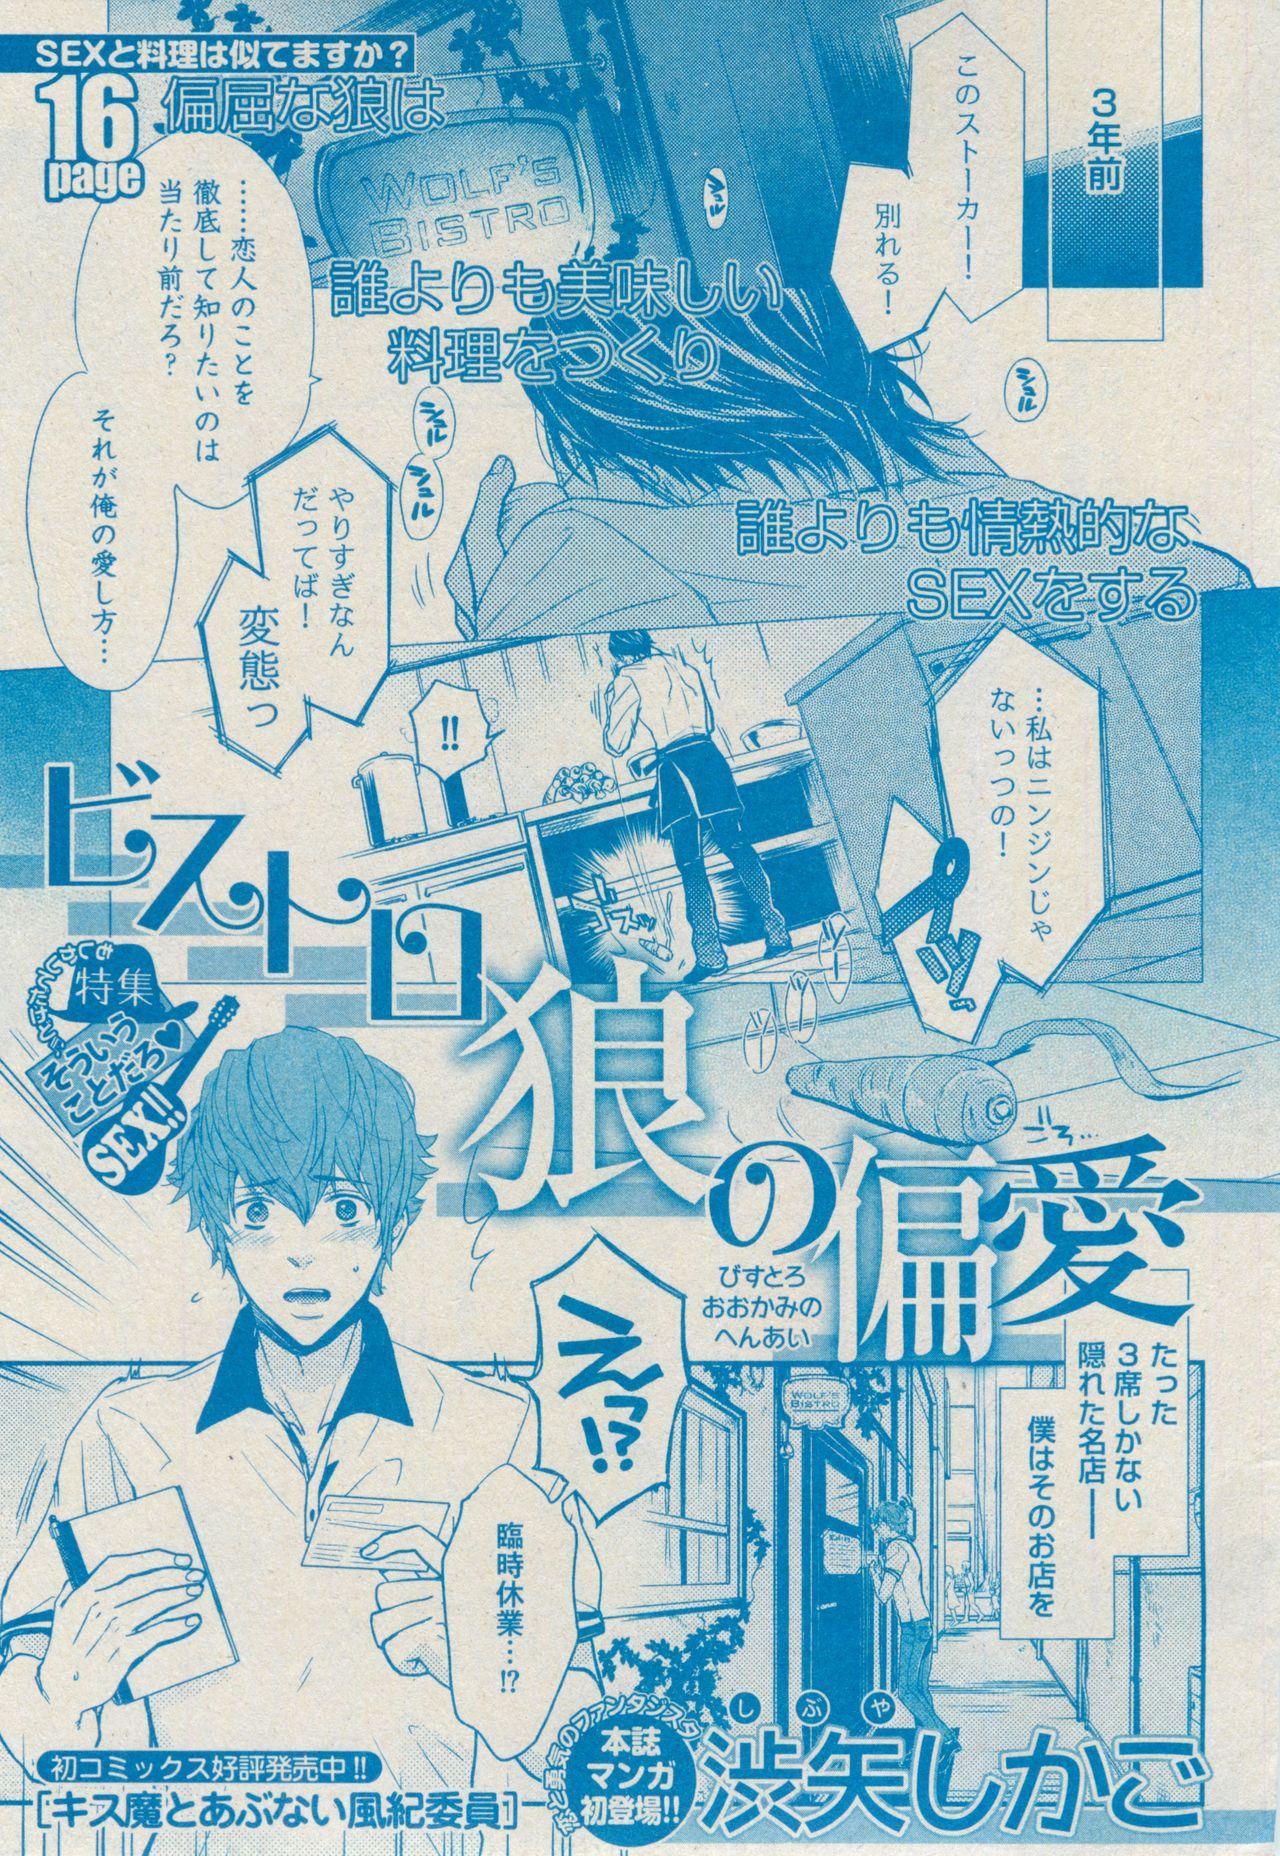 BOY'S ピアス 2014-09 138